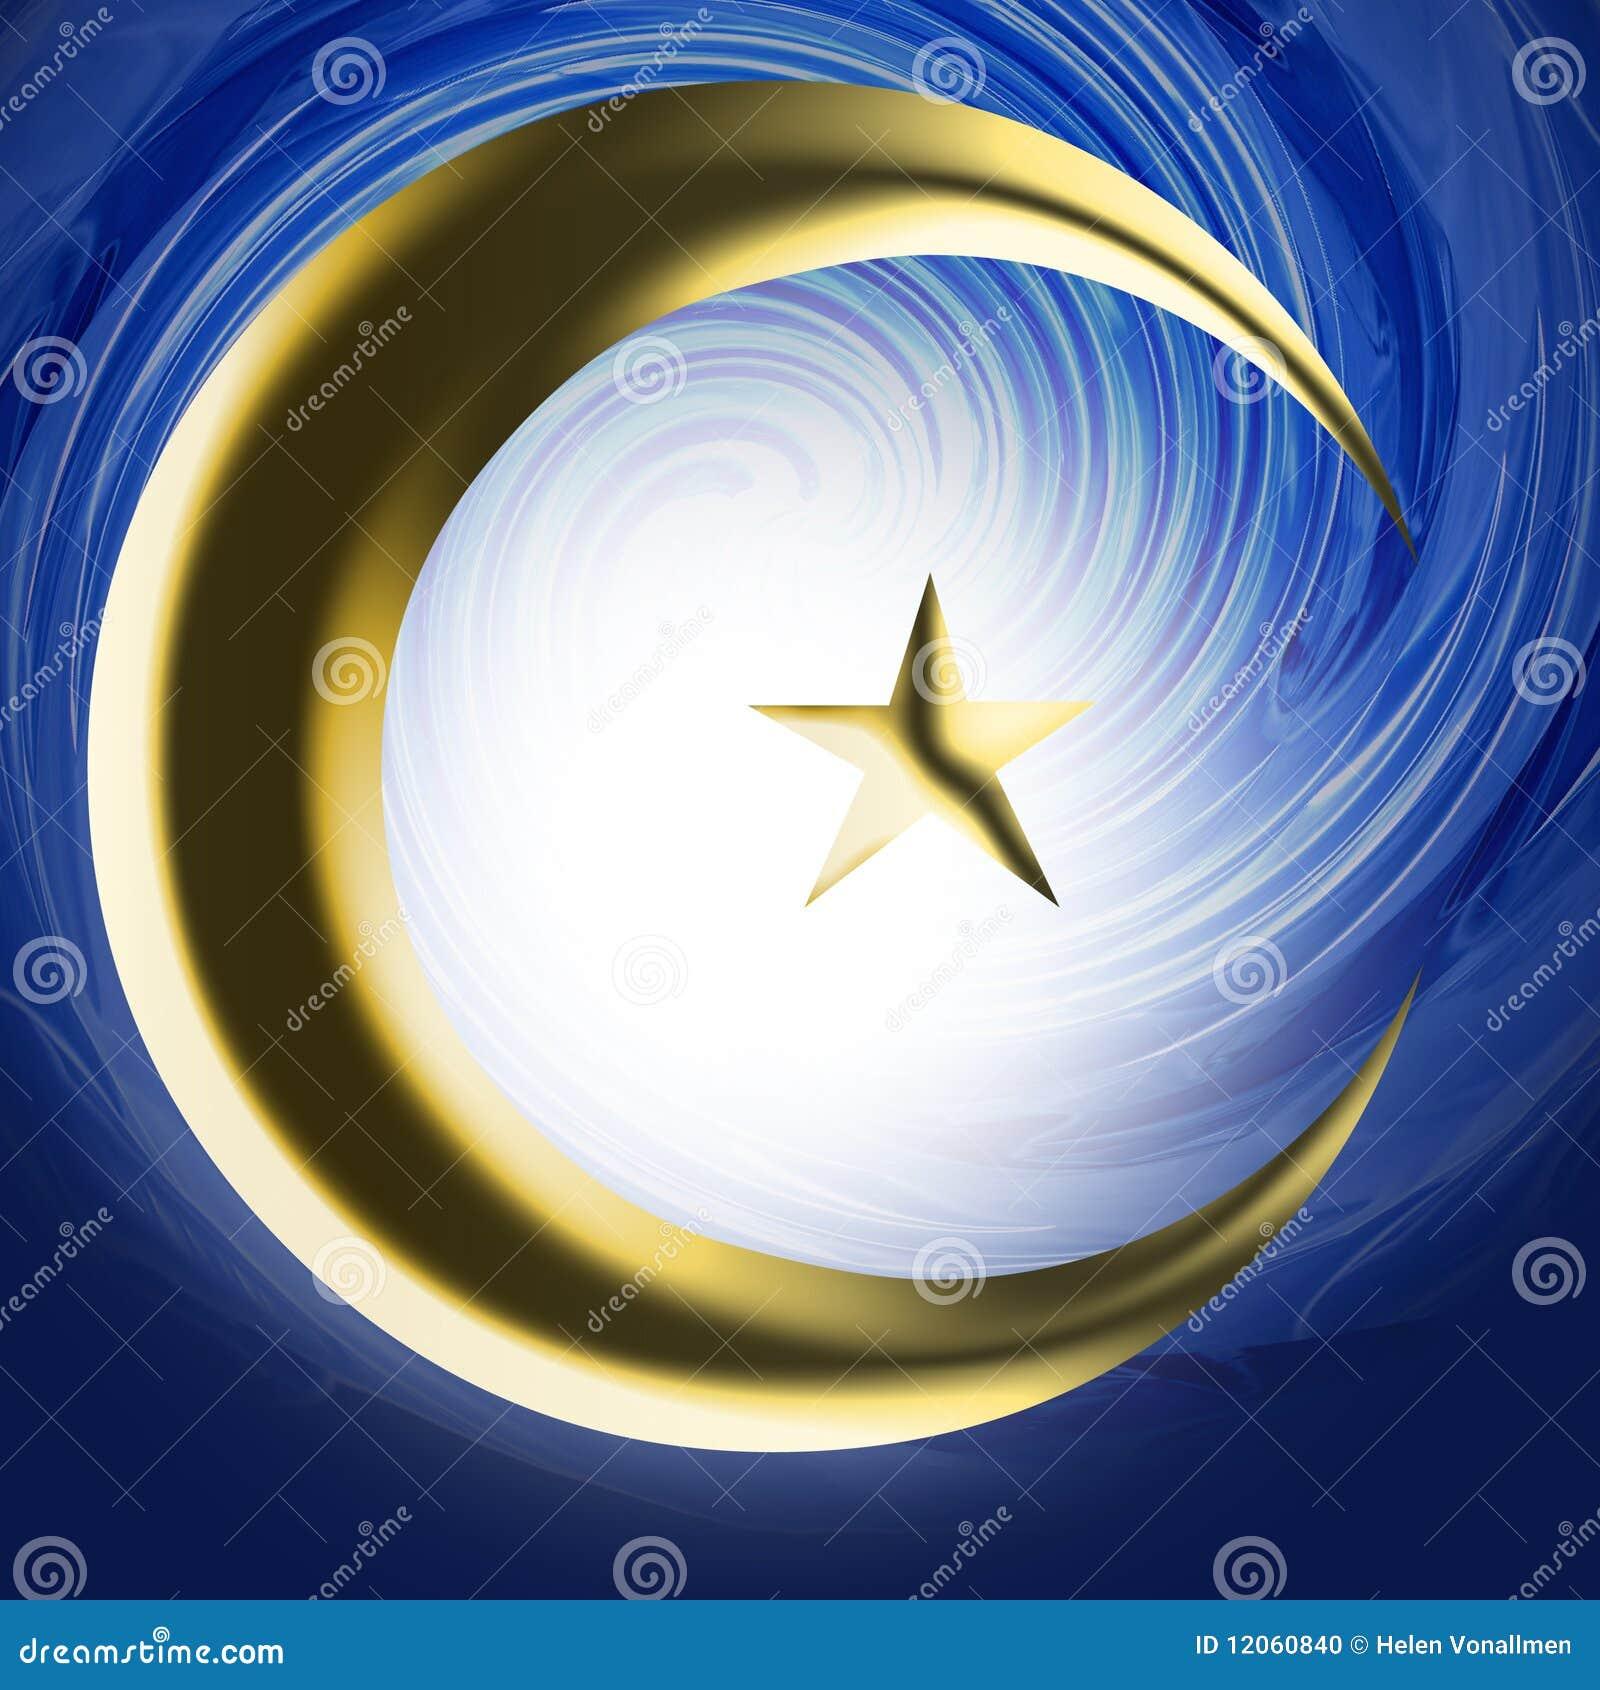 Religious Symbol Islam Stock Photo Image Of Blue Mandala 12060840